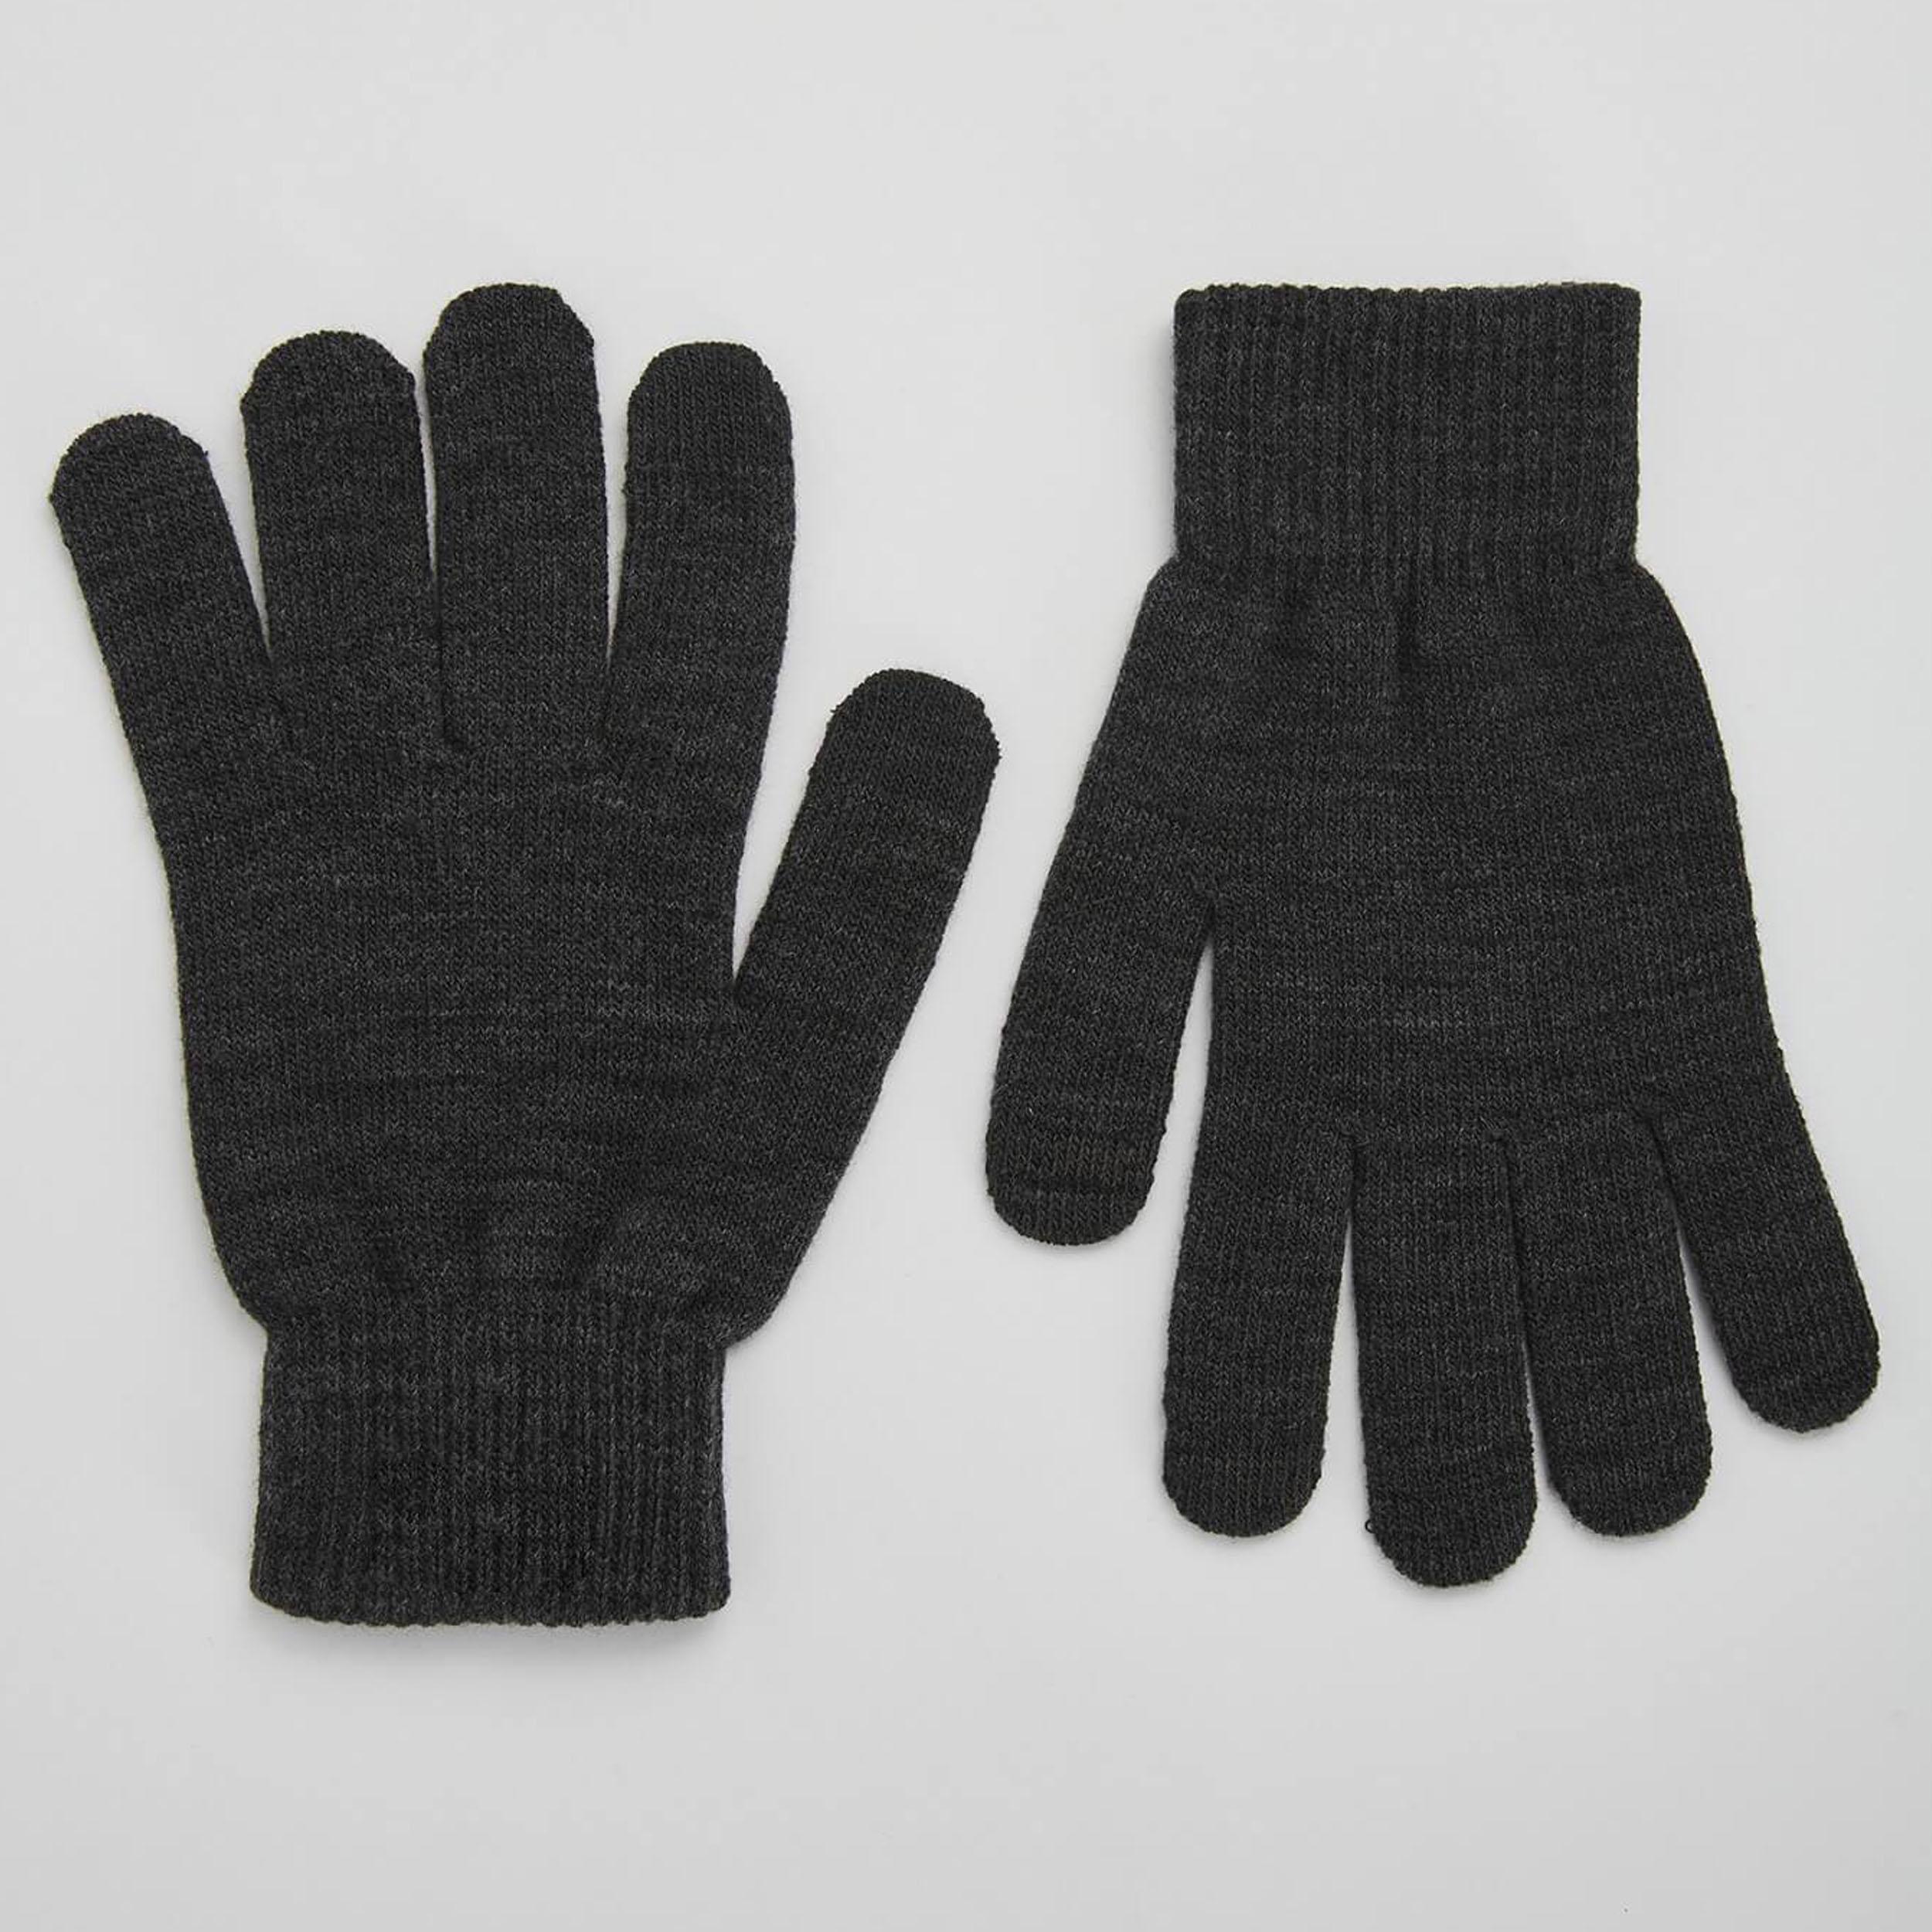 دستکش بافتنی ترانووا کد 3